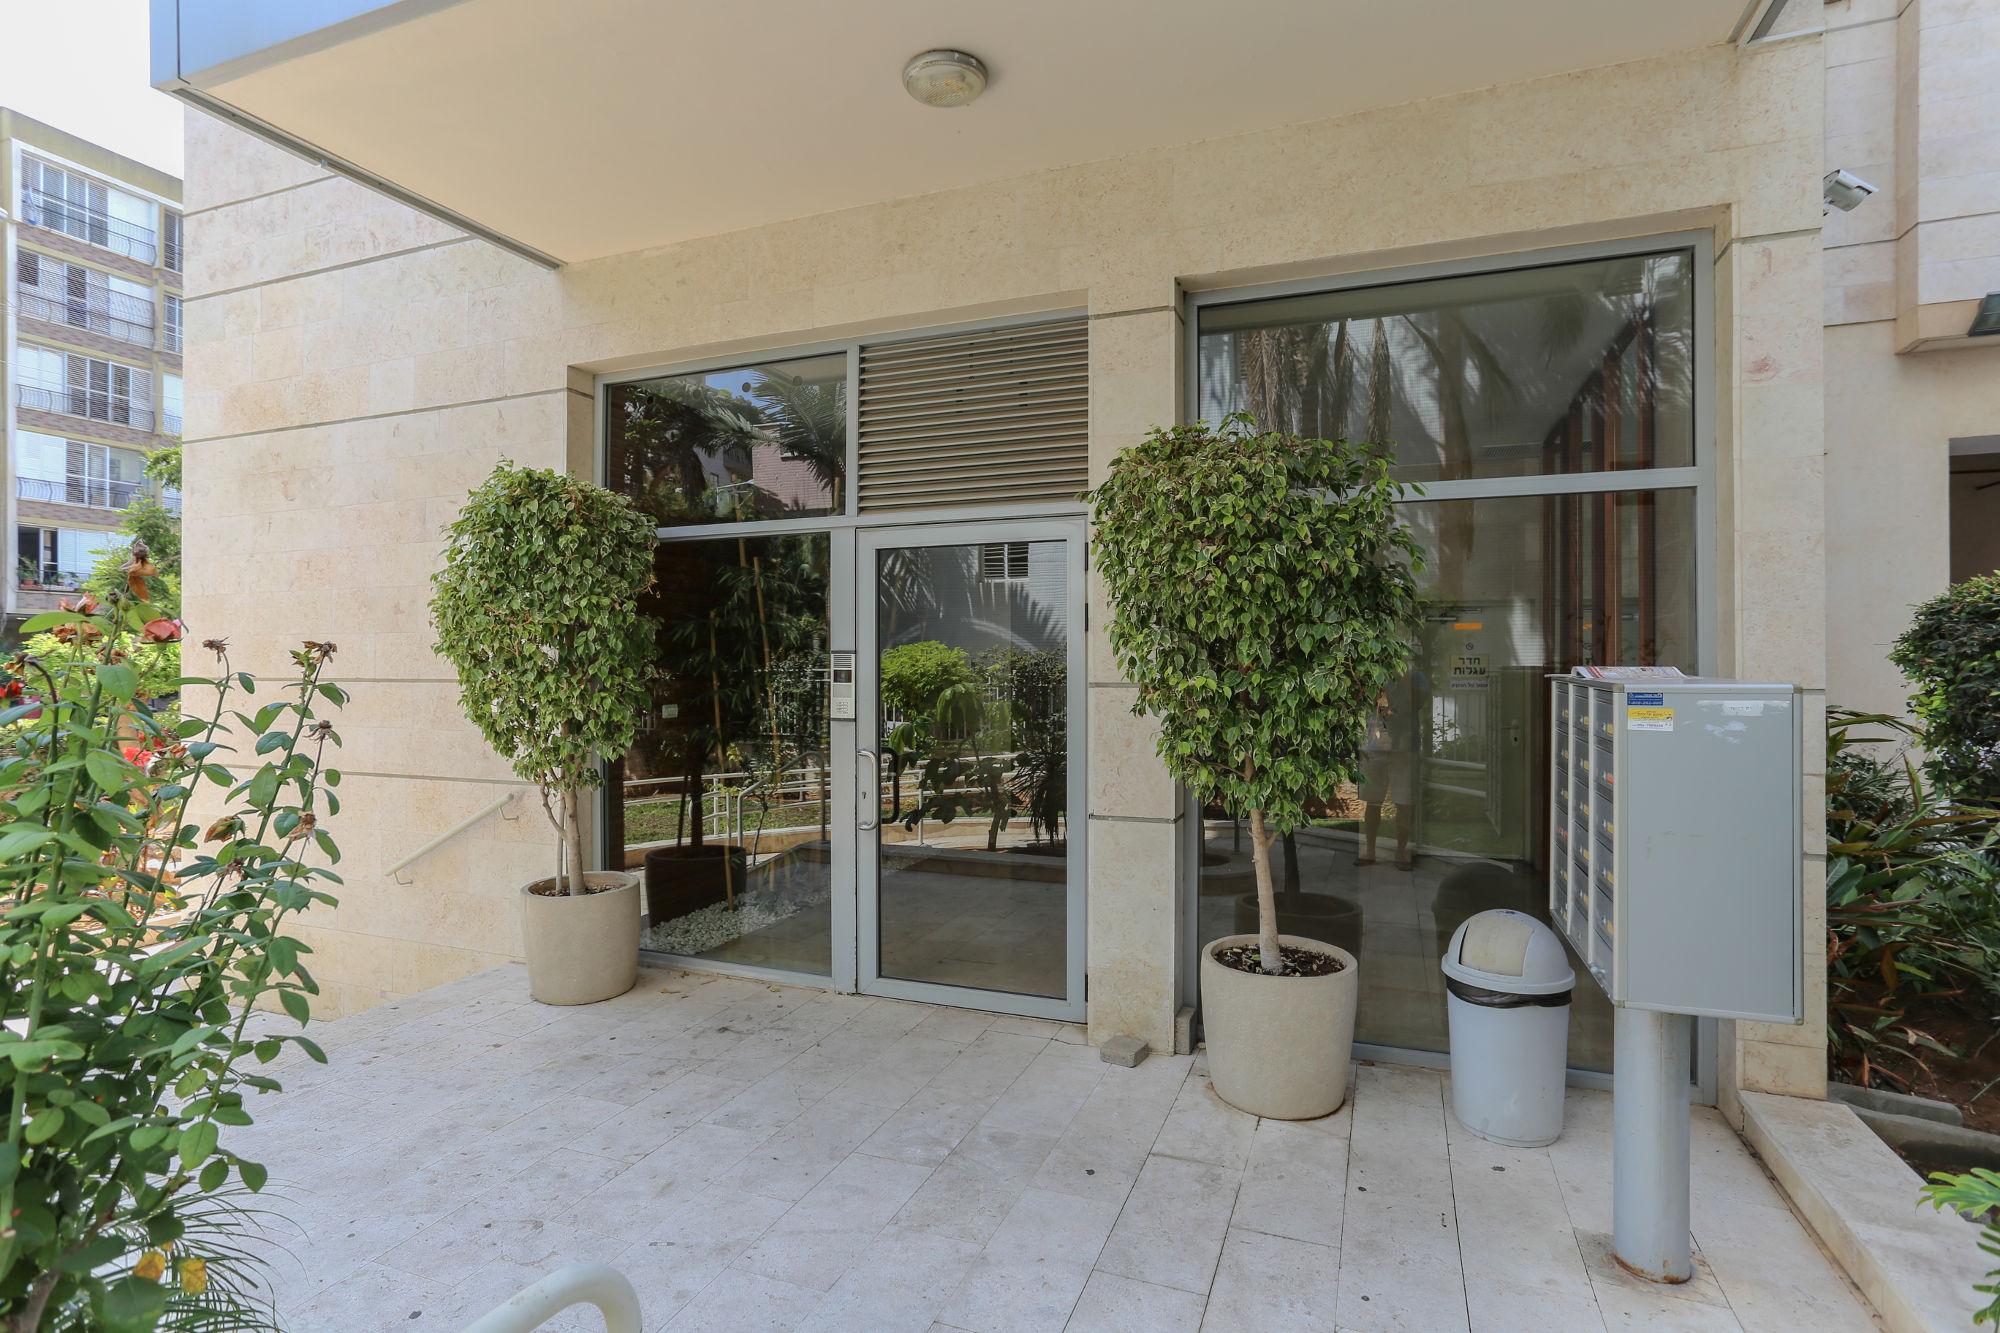 דירות למכירה מקבלן ברחוב ירושלים